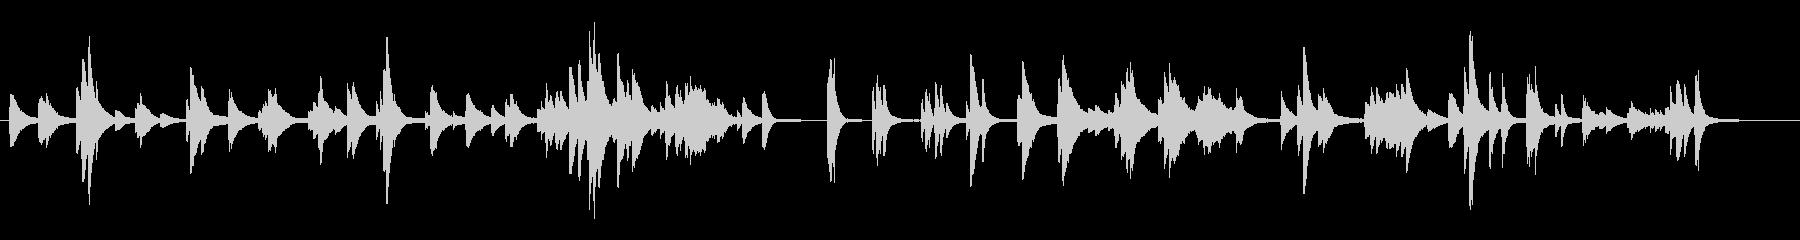 静かで物悲しいピアノソロ曲です。の未再生の波形